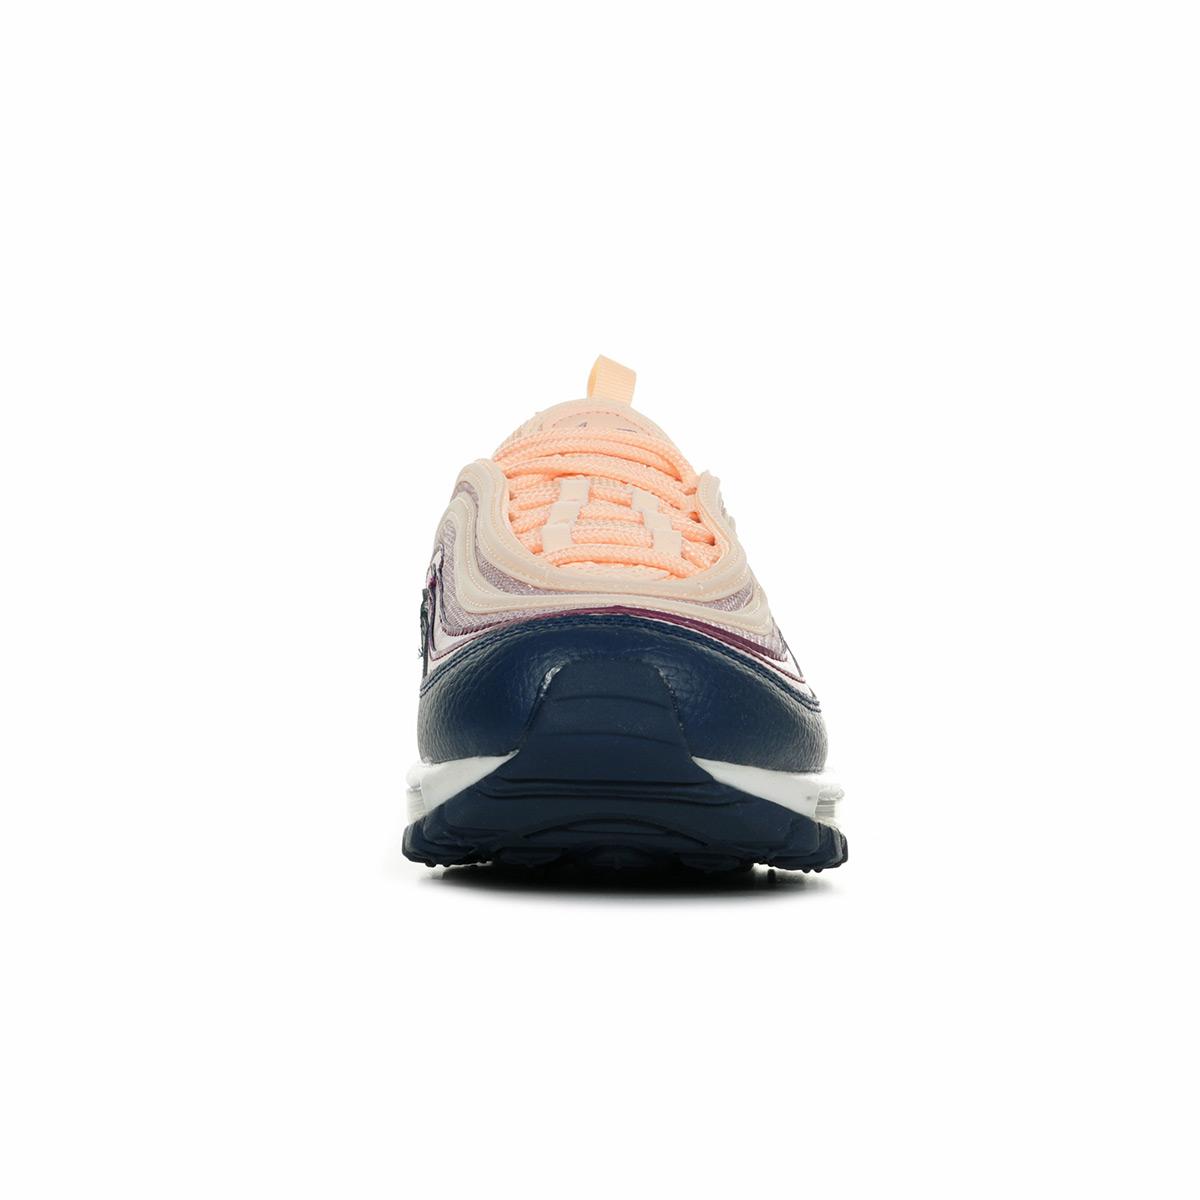 Chaussures Baskets Nike femme Wn's Air Max 97 Crimson Tint